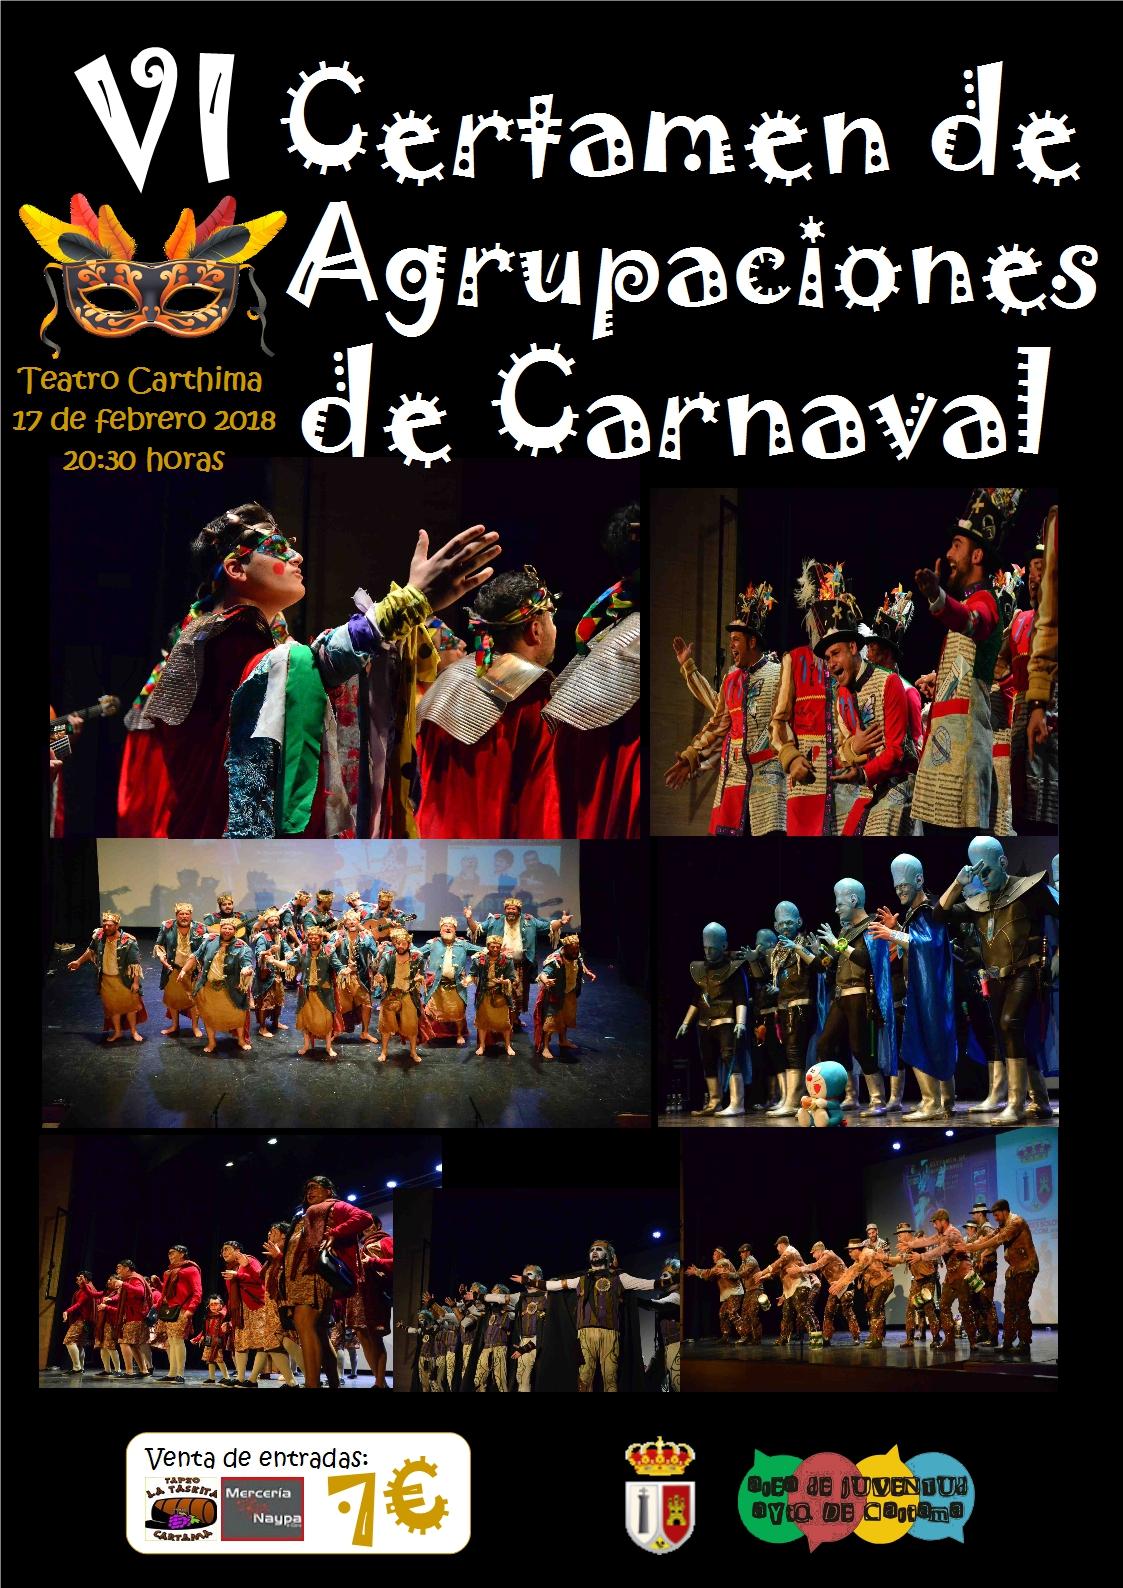 vi-certamen-de-agrupaciones-de-carnaval-3